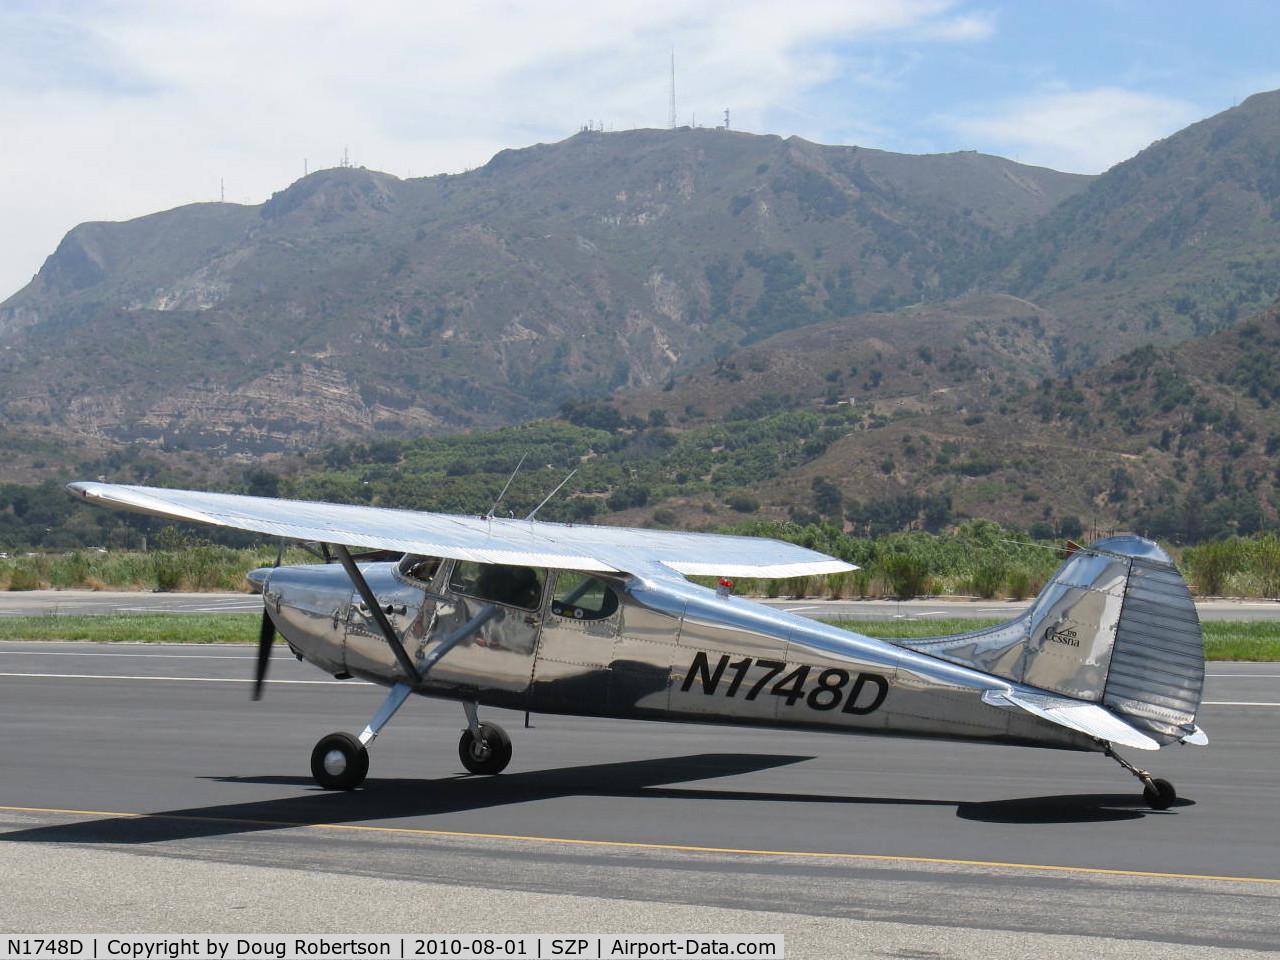 N1748D, 1951 Cessna 170A C/N 20191, 1951 Cessna 170A, Continental C145 145 Hp, taxi back